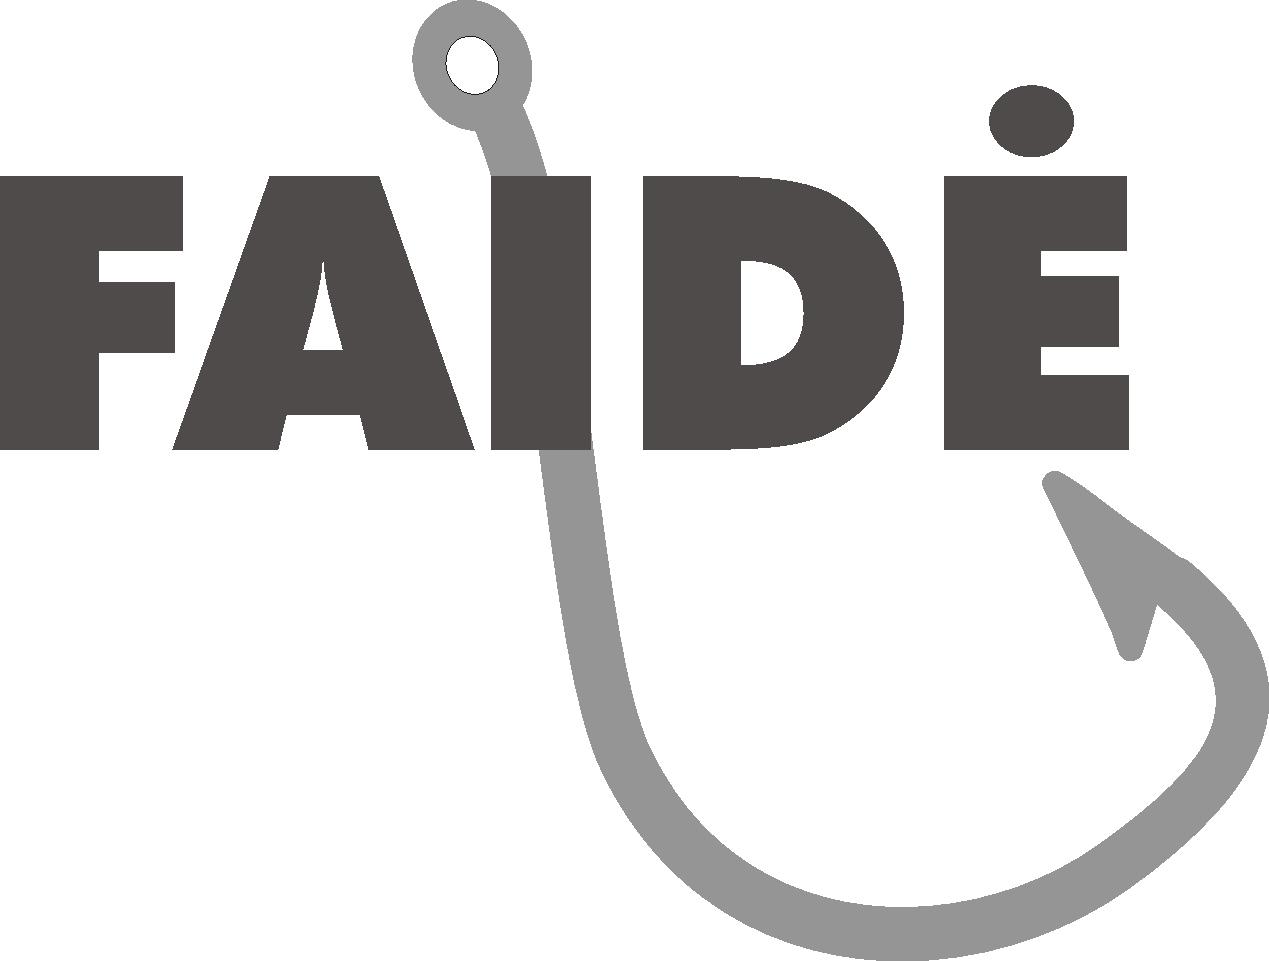 FAIDE.LT